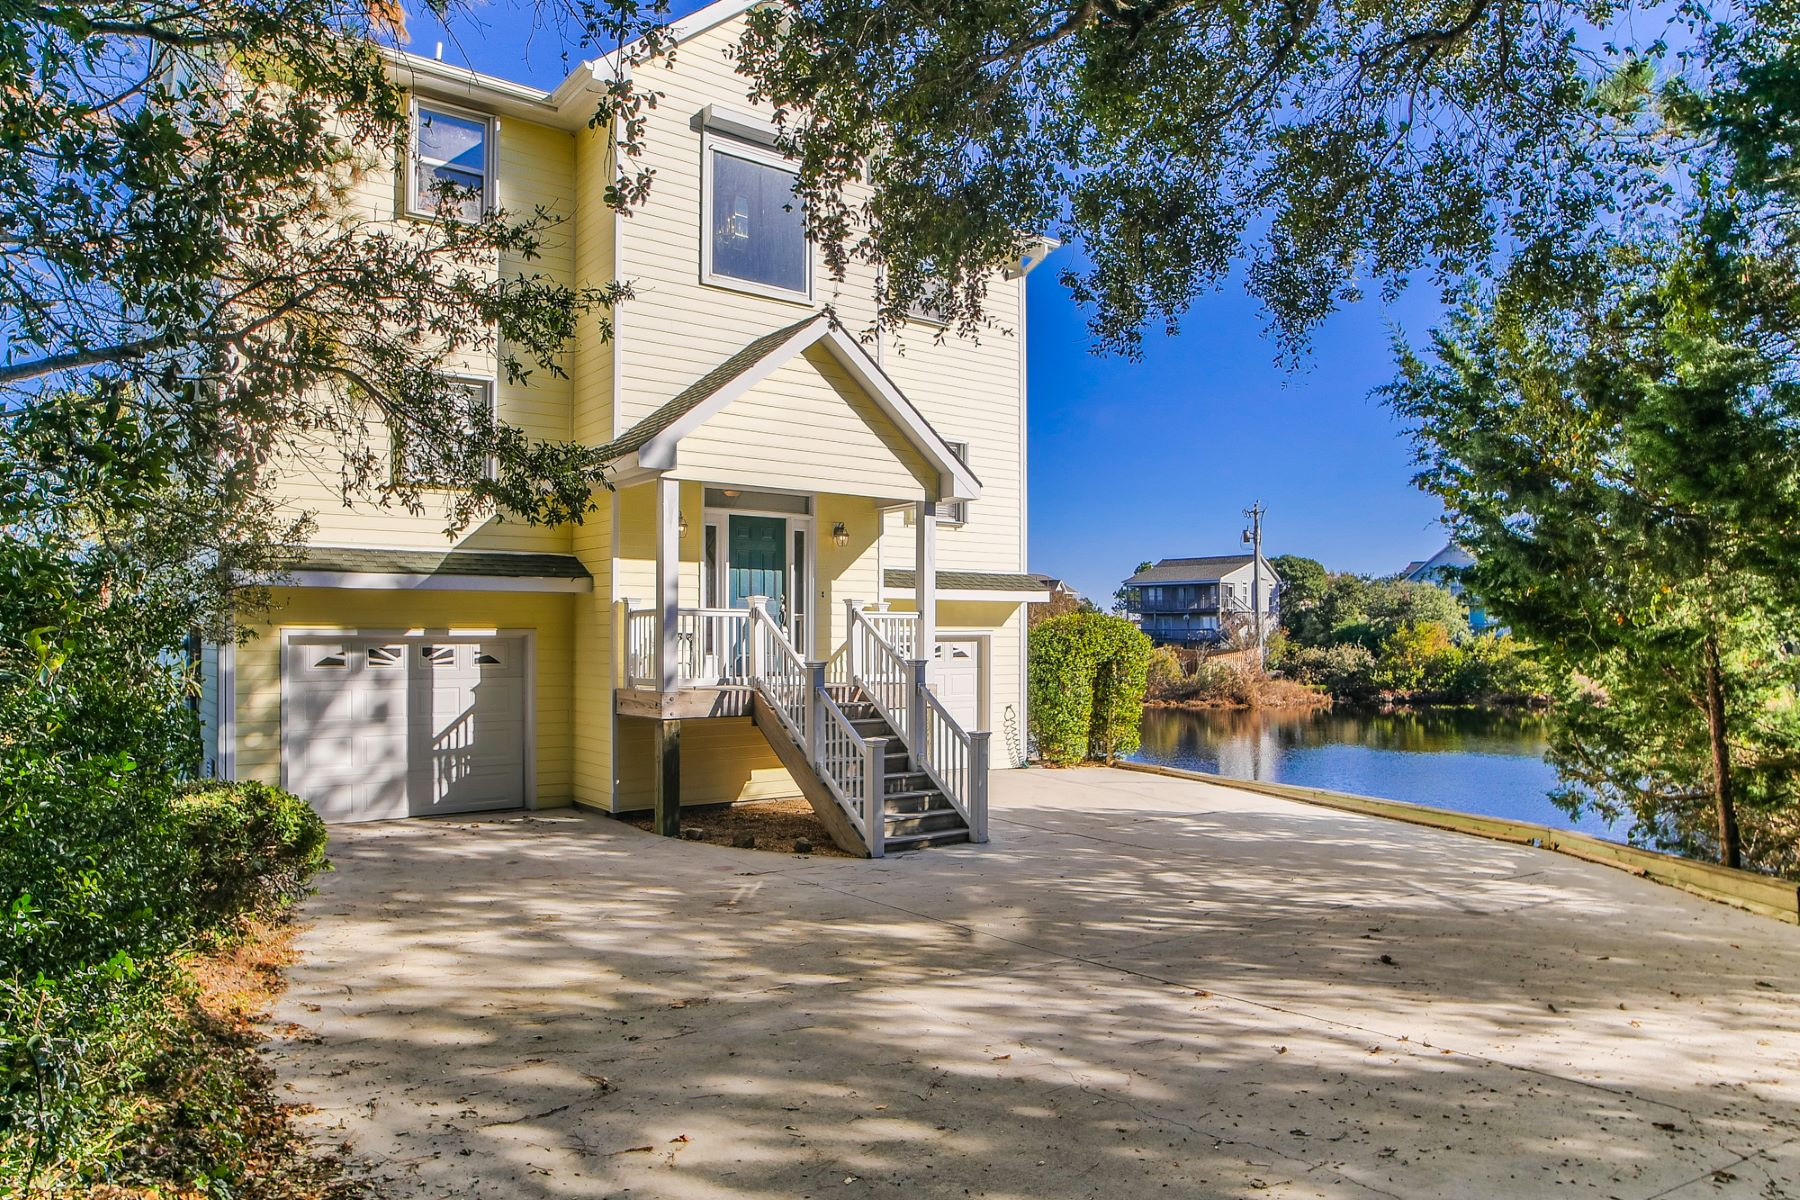 Maison unifamiliale pour l Vente à Waterfront Home with Striking Panoramic Views 109 S Oak Drive Surf City, Carolina Du Nord, 28445 États-Unis